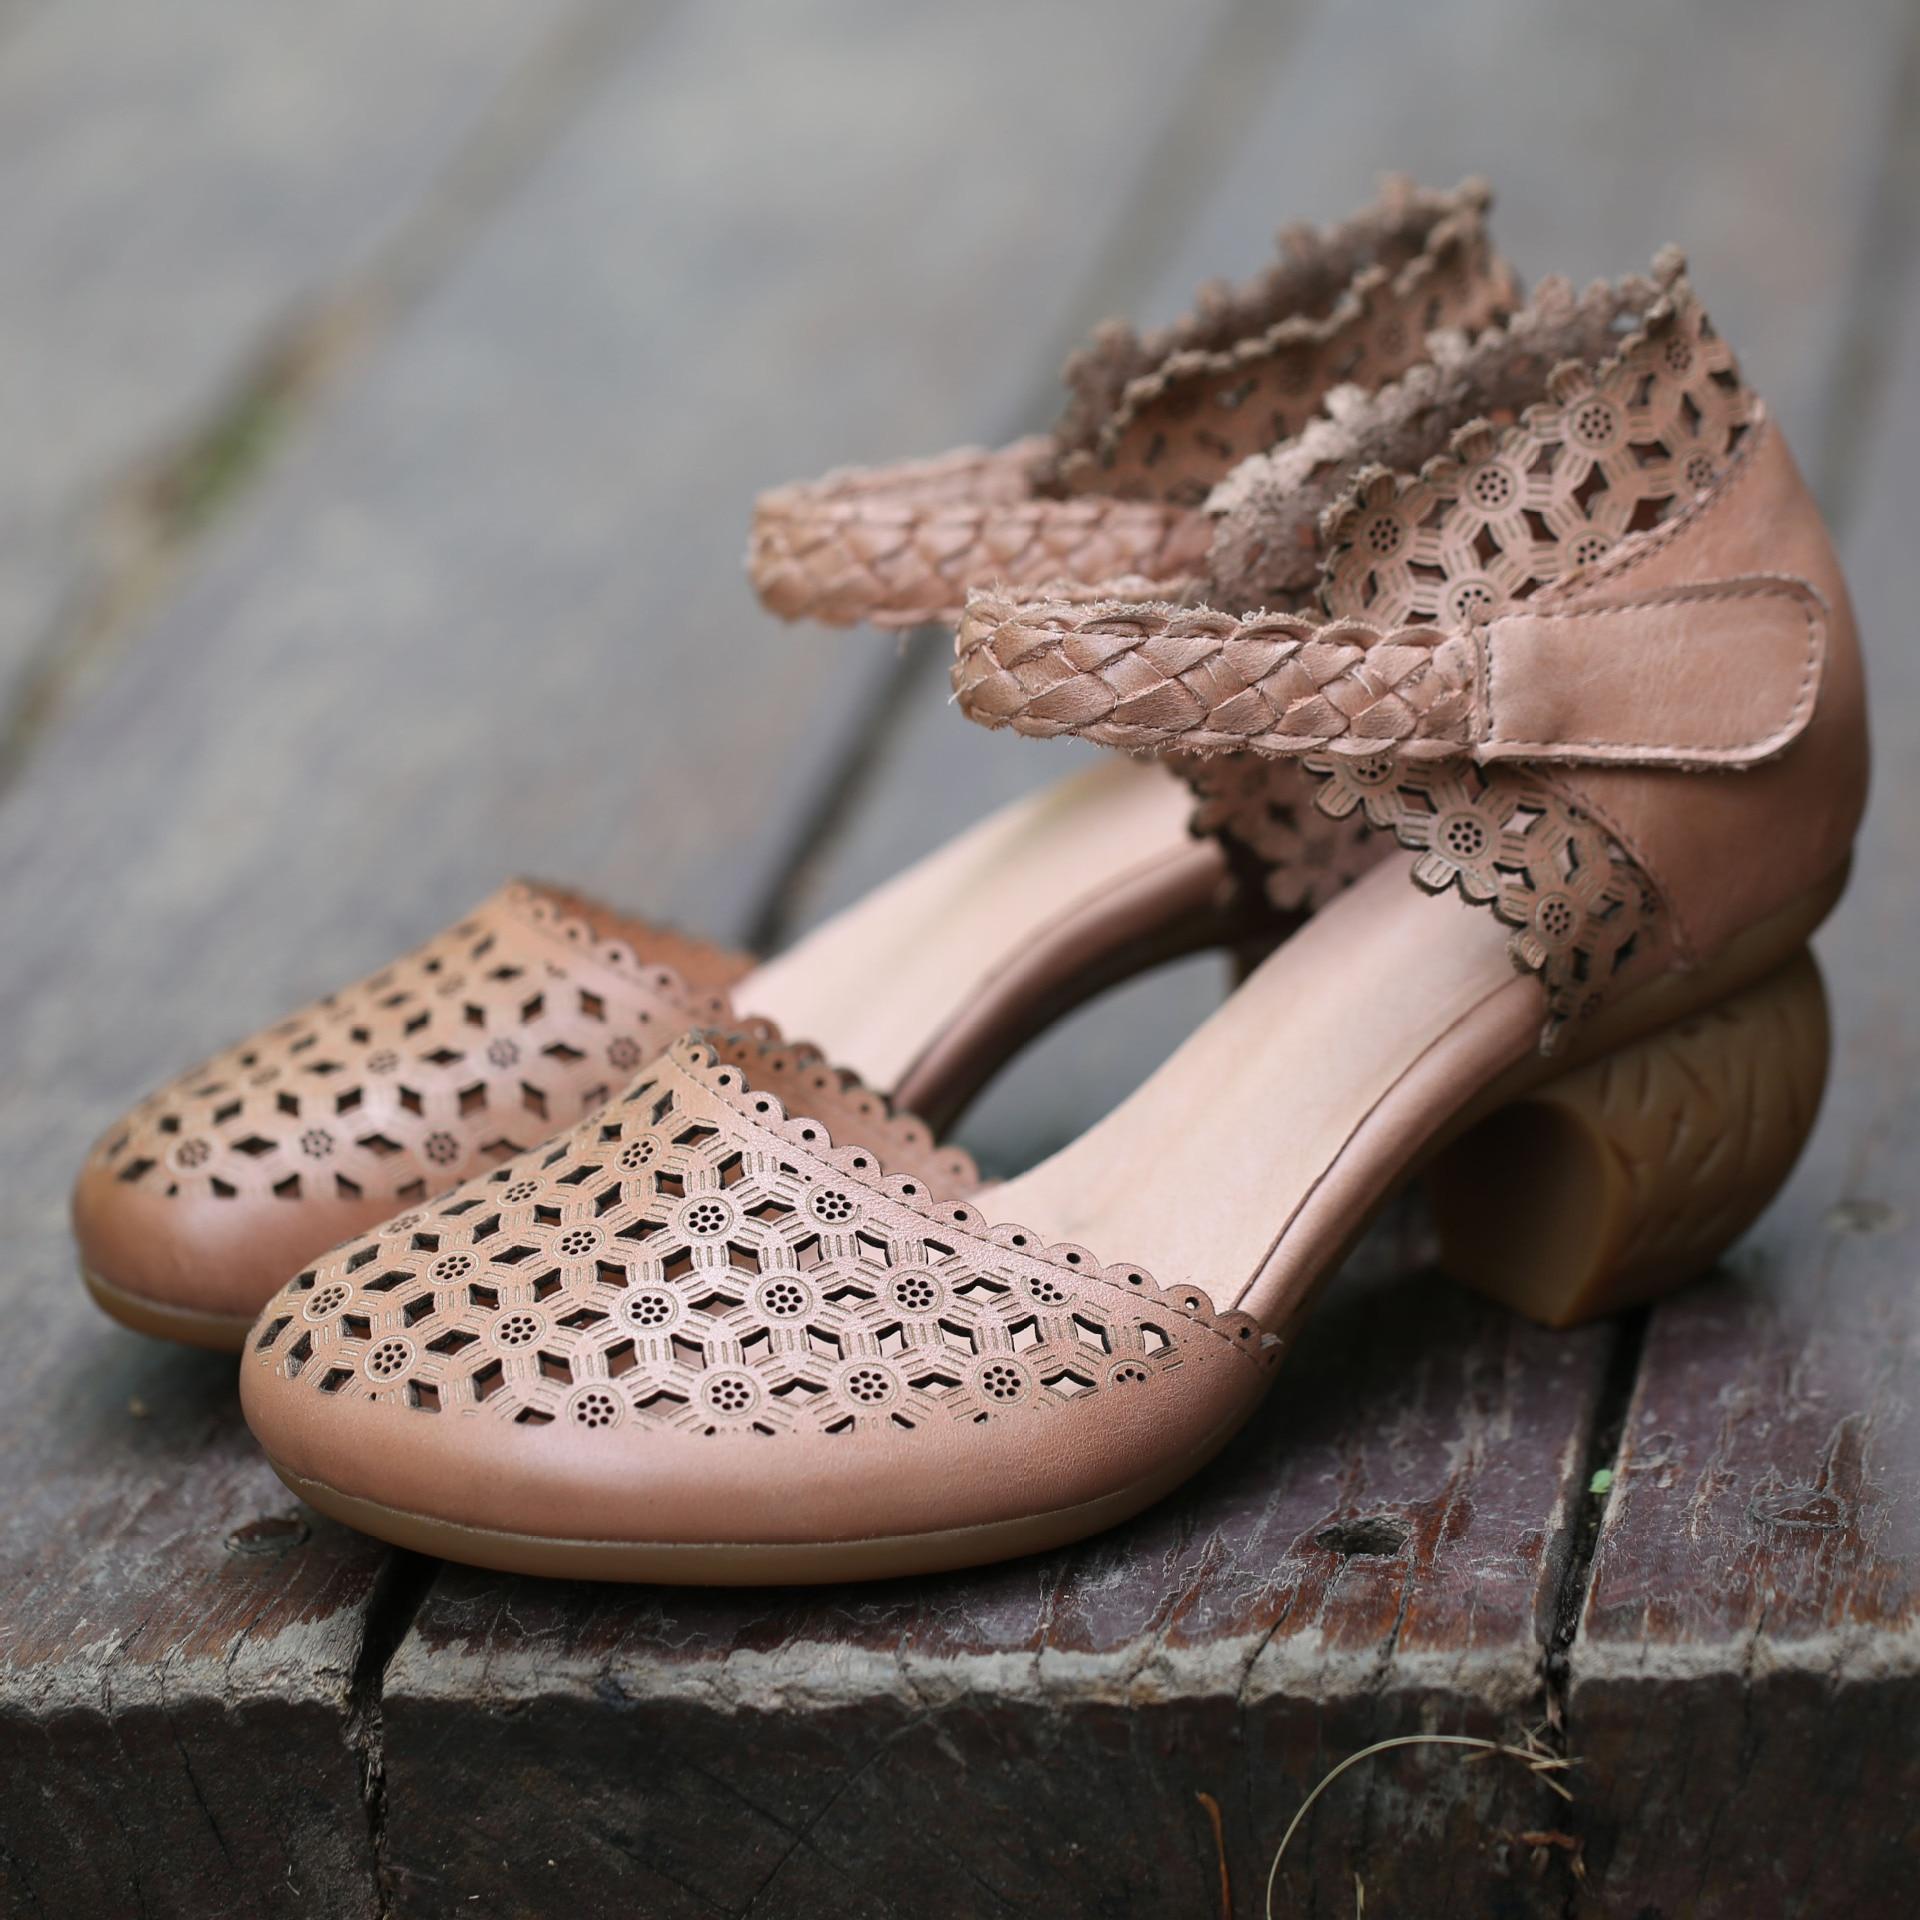 Chaussures La Grey Élégant Sandales 2019 Femmes Haute Cuir Wedge Ronde À apricot Tête Hee D'été Main De Véritable En TvFWAWt